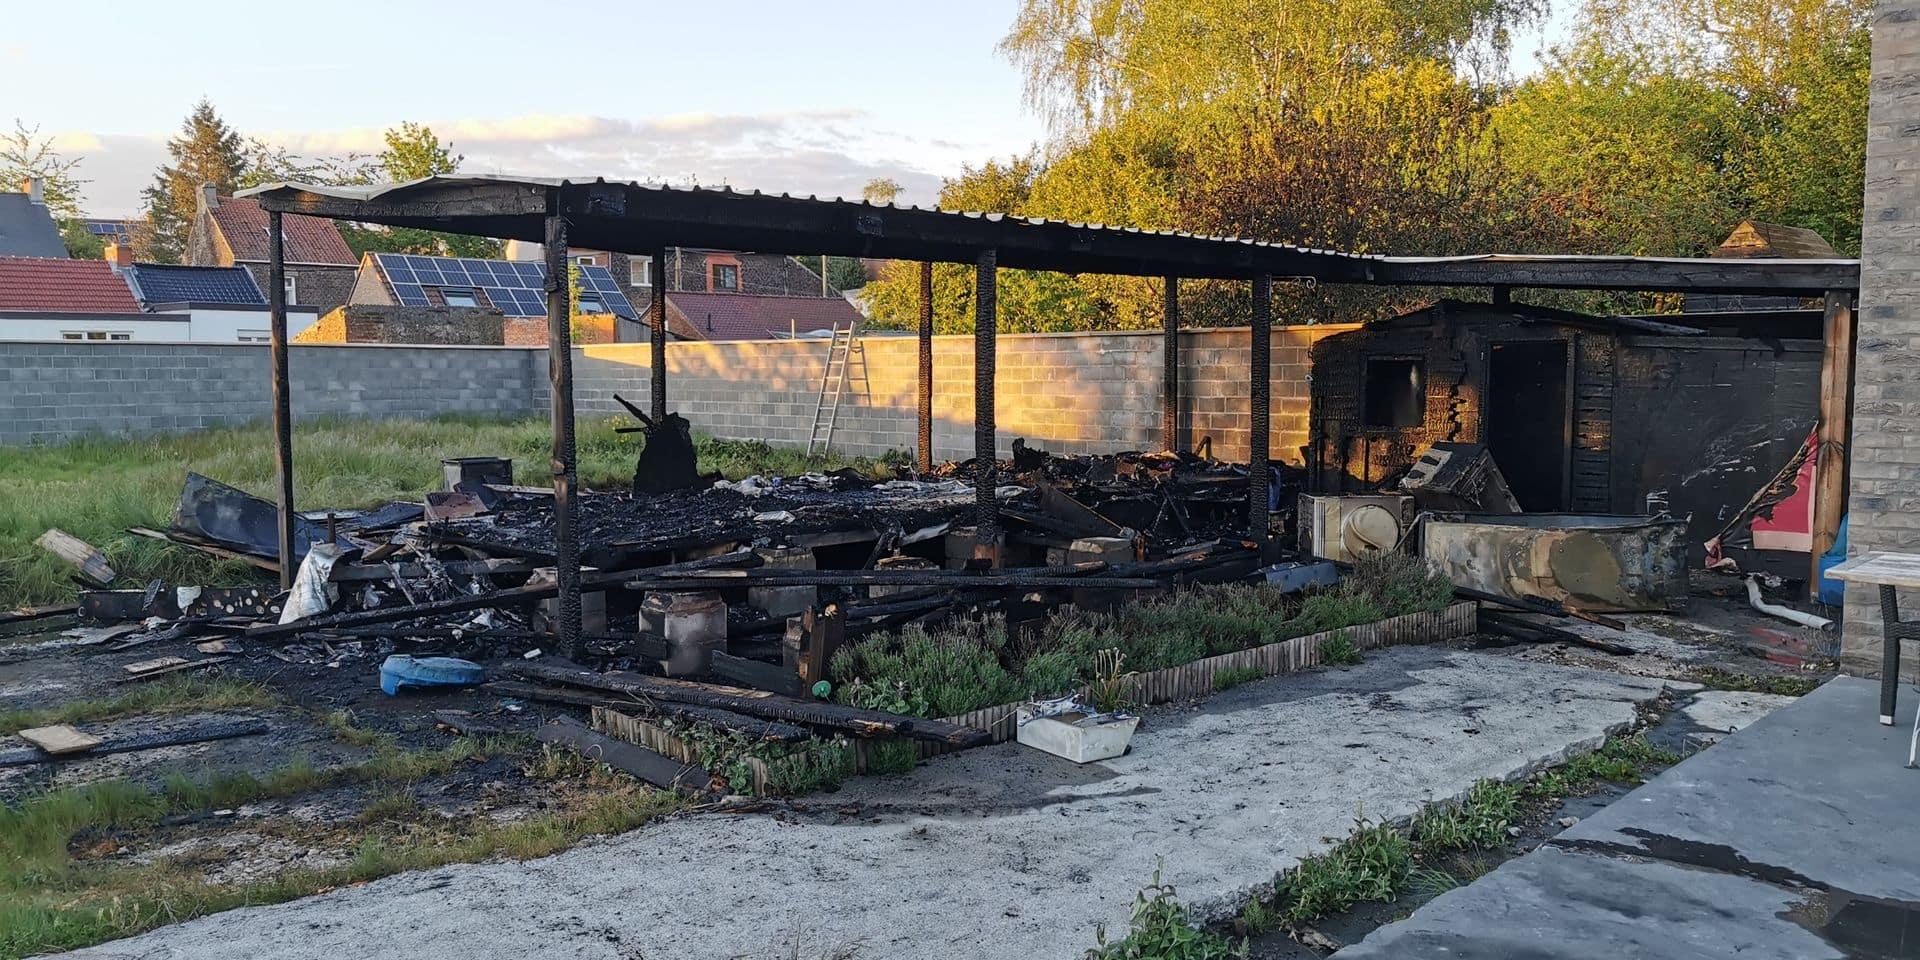 Jumet: une caravane temporaire prend violemment feu dans un jardin